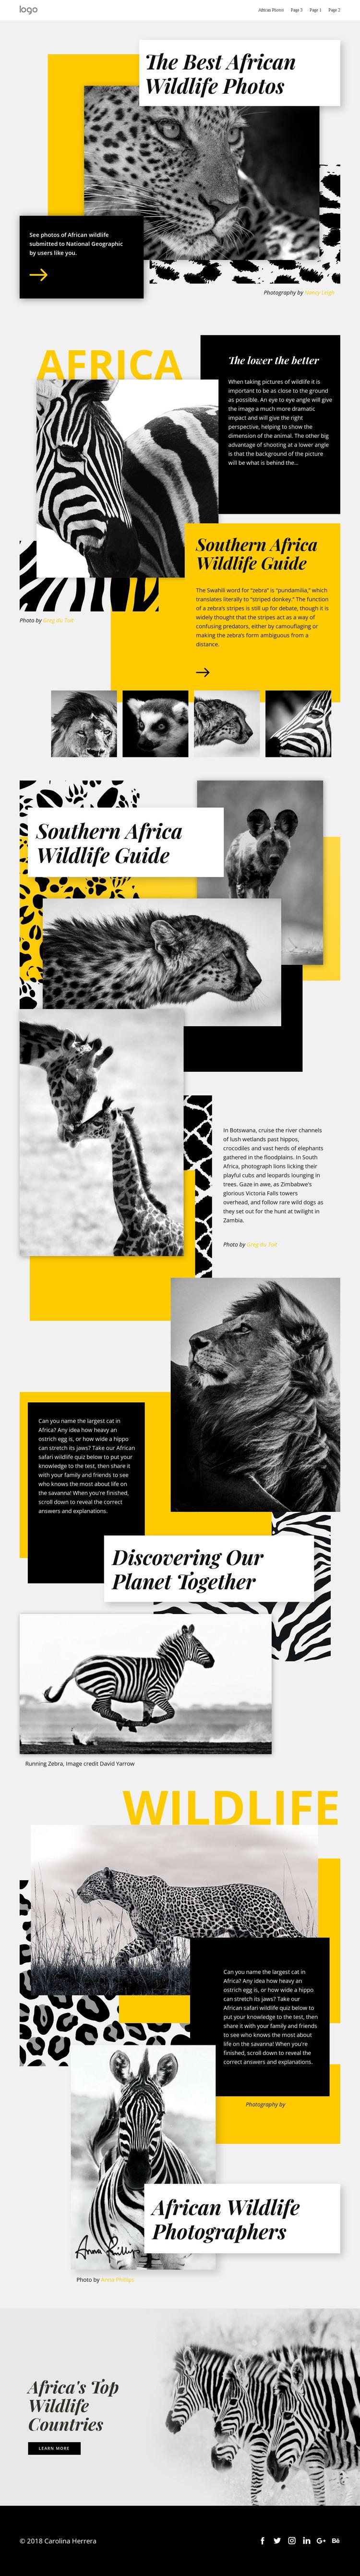 Best African Photos HTML Template